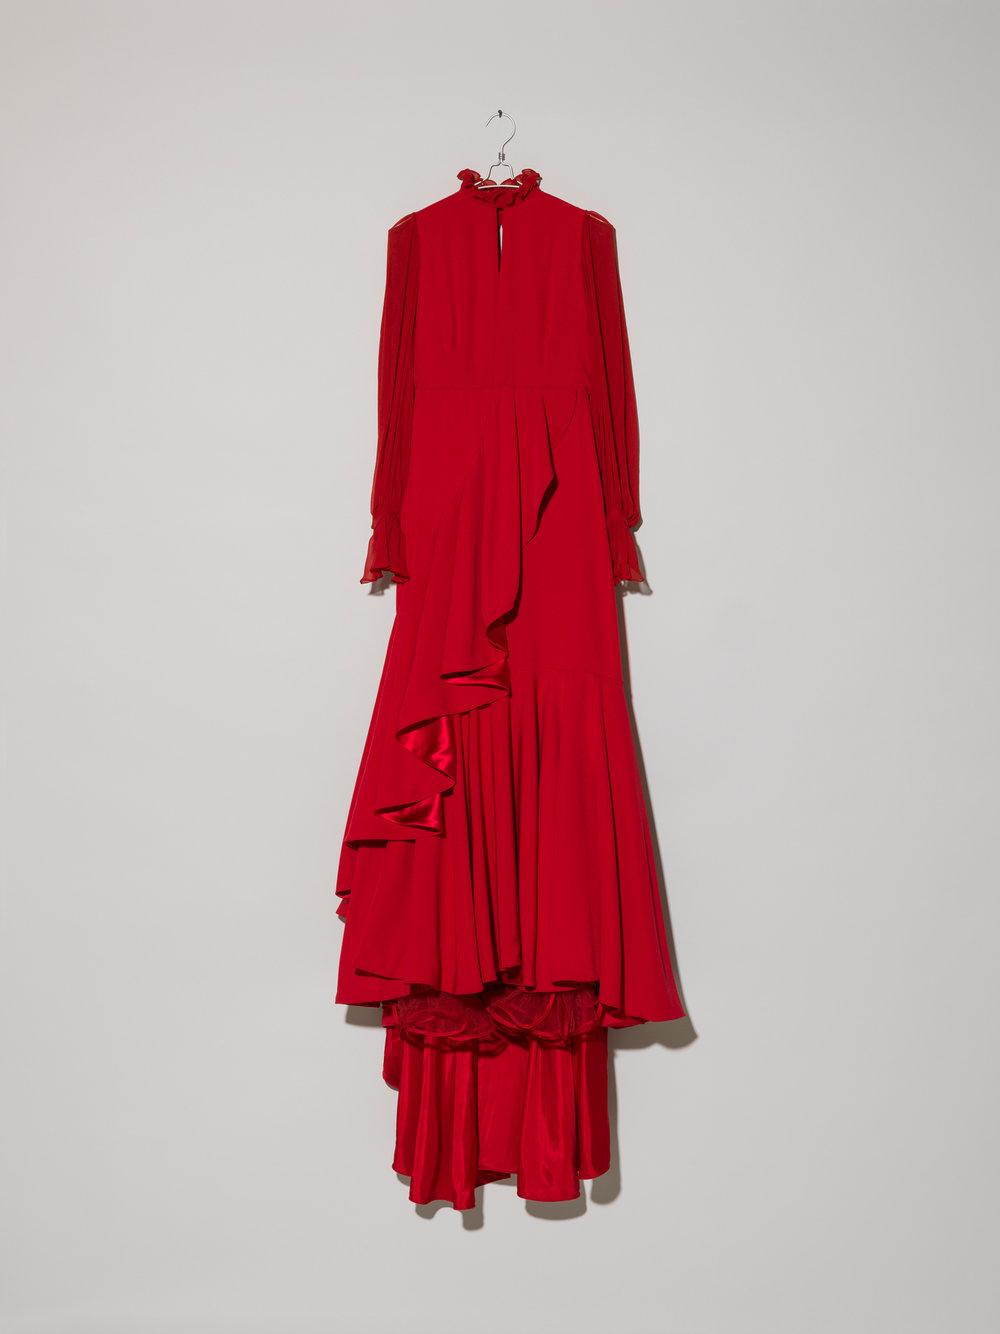 Röd-klänning.jpg